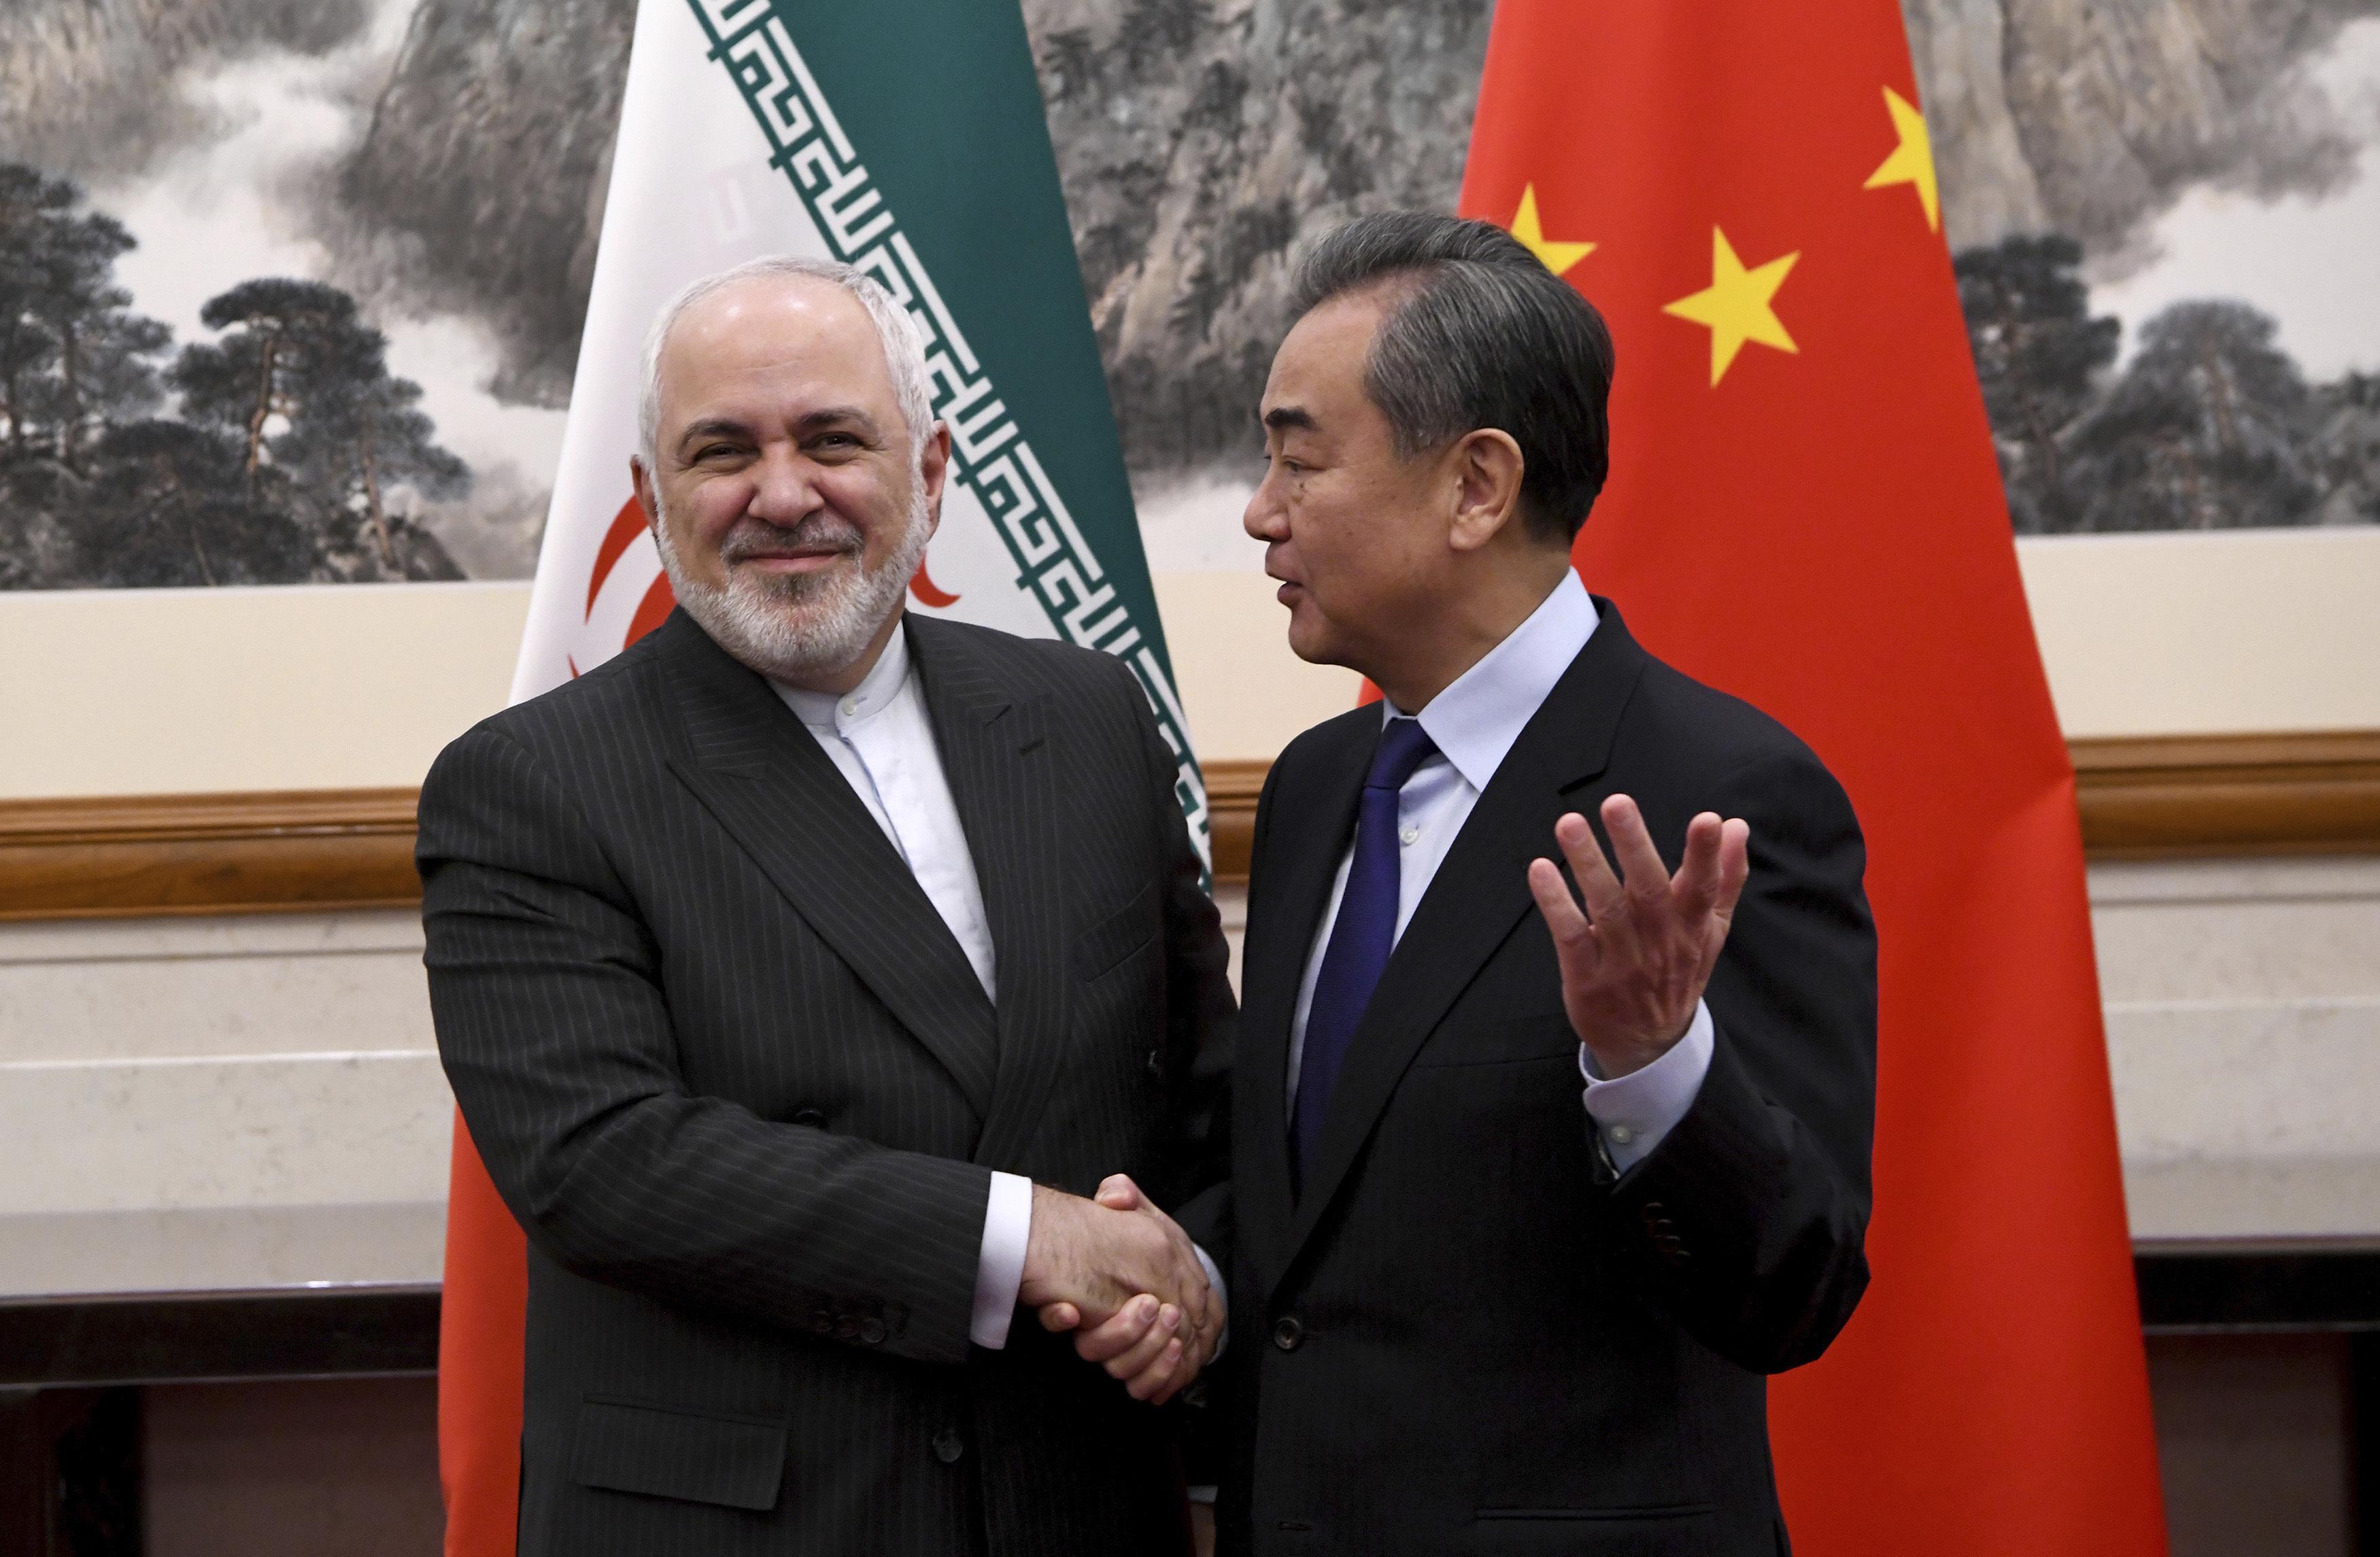 L'Iran rafforza l'asse con la Cina